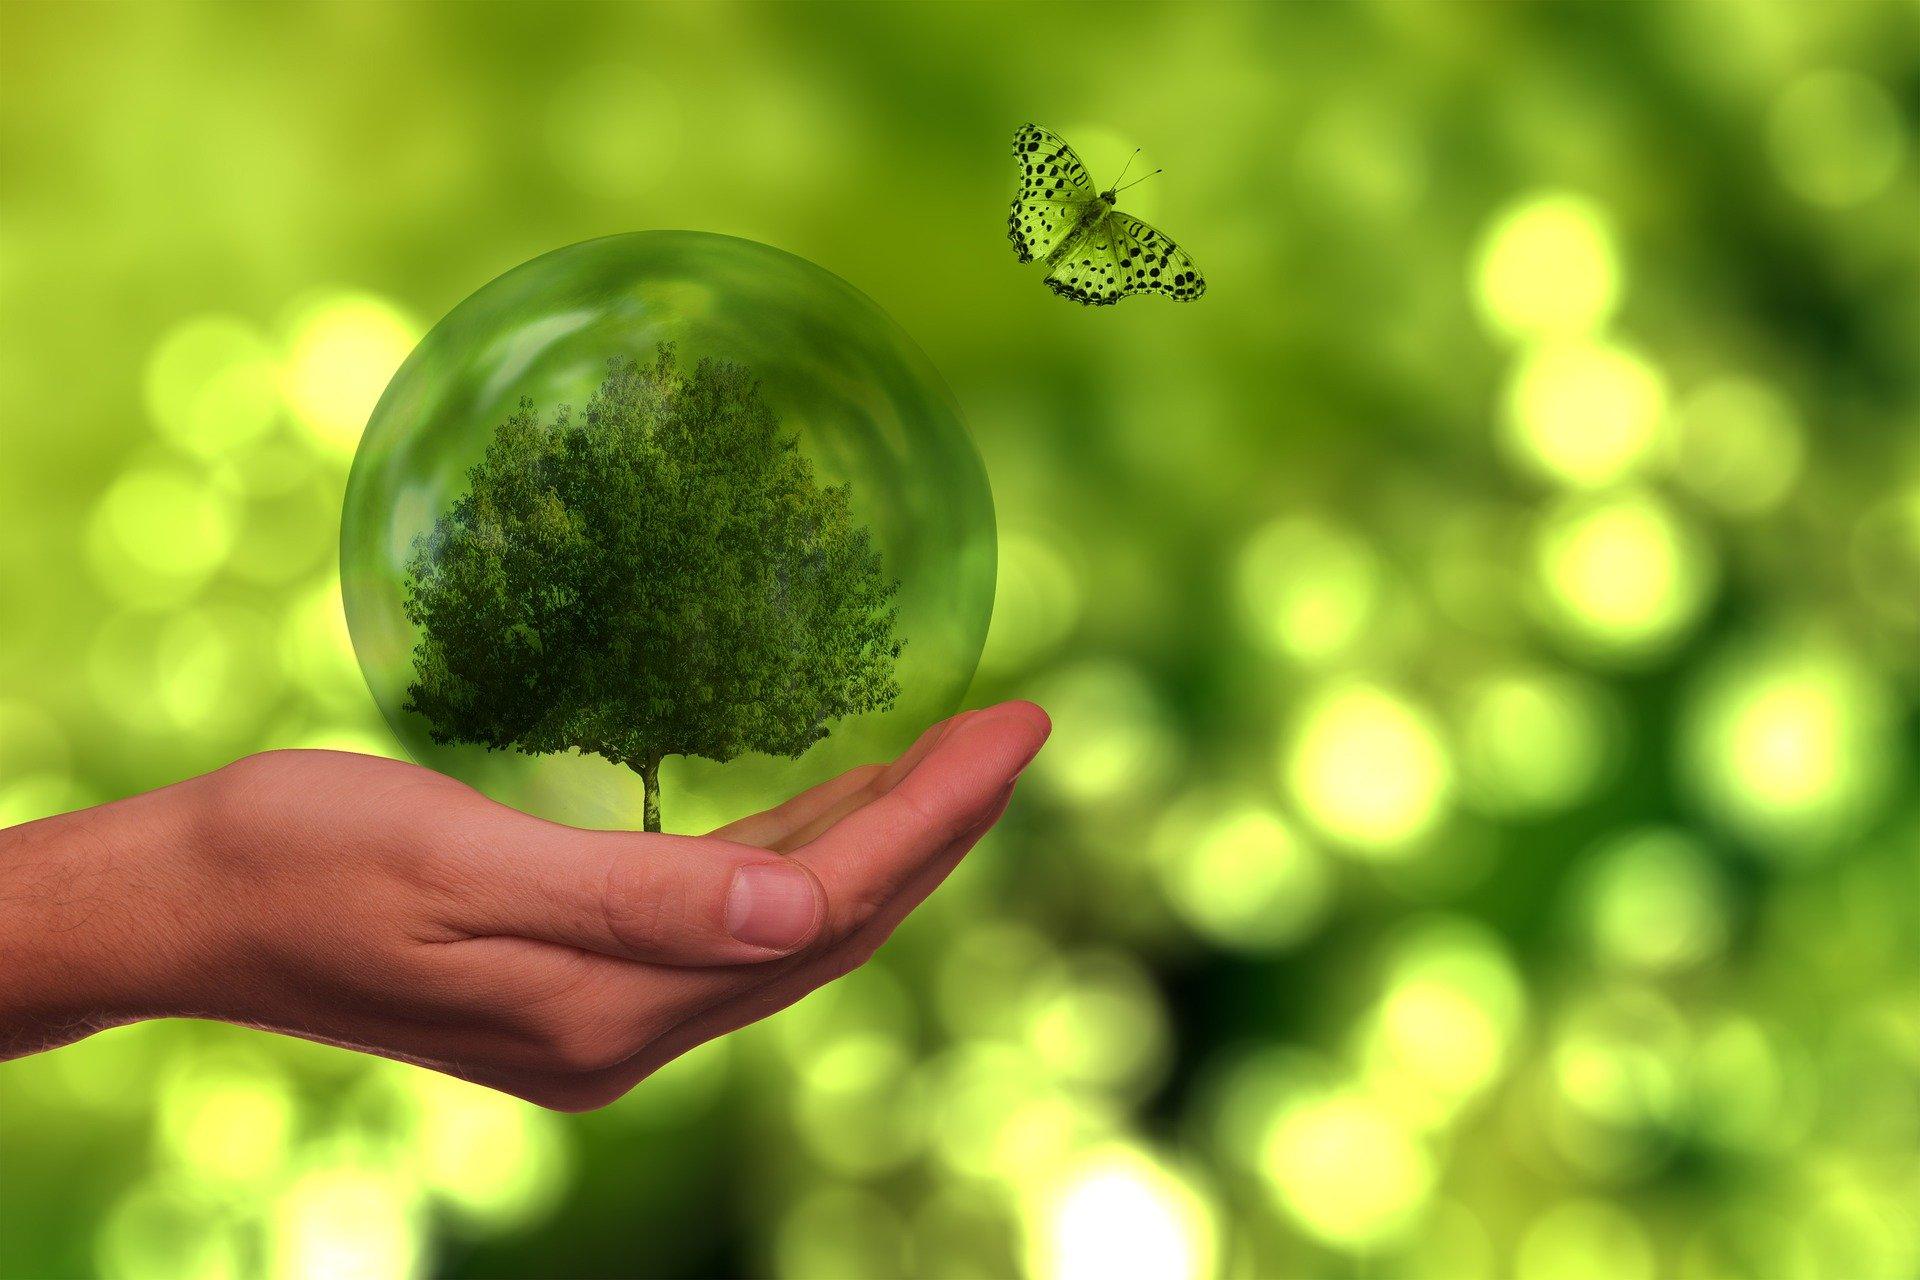 beneficios de los bonos verdes